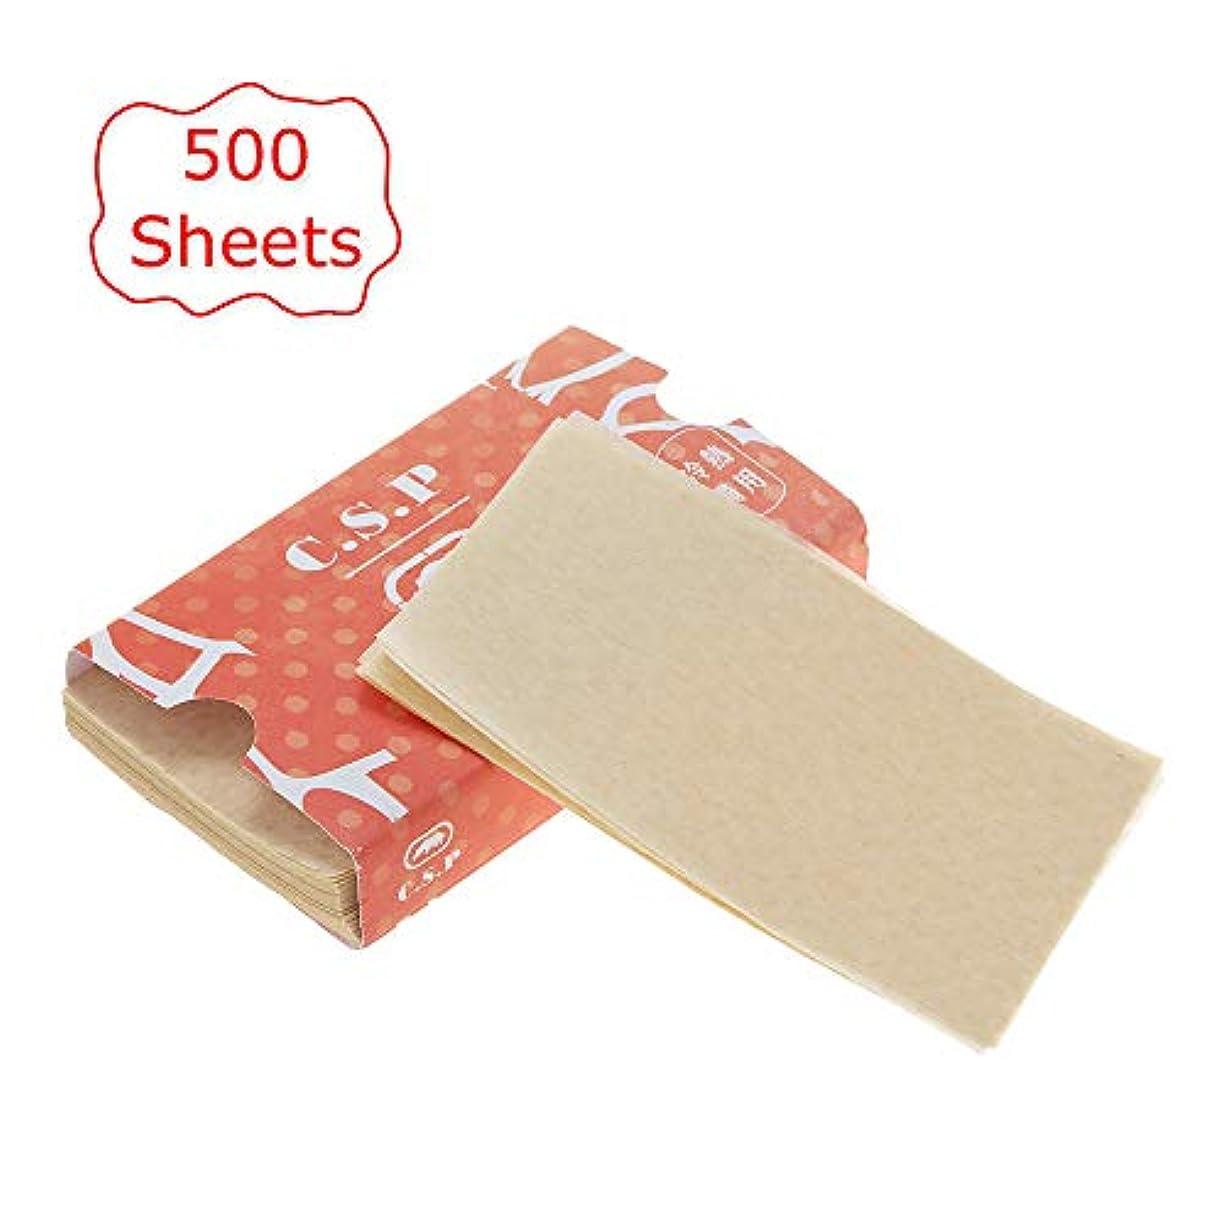 素晴らしいですおなじみの導入するDecdeal 500枚 ヘアカラー紙 ヘアダイペーパー ヘアパーマツール 自宅 DIY